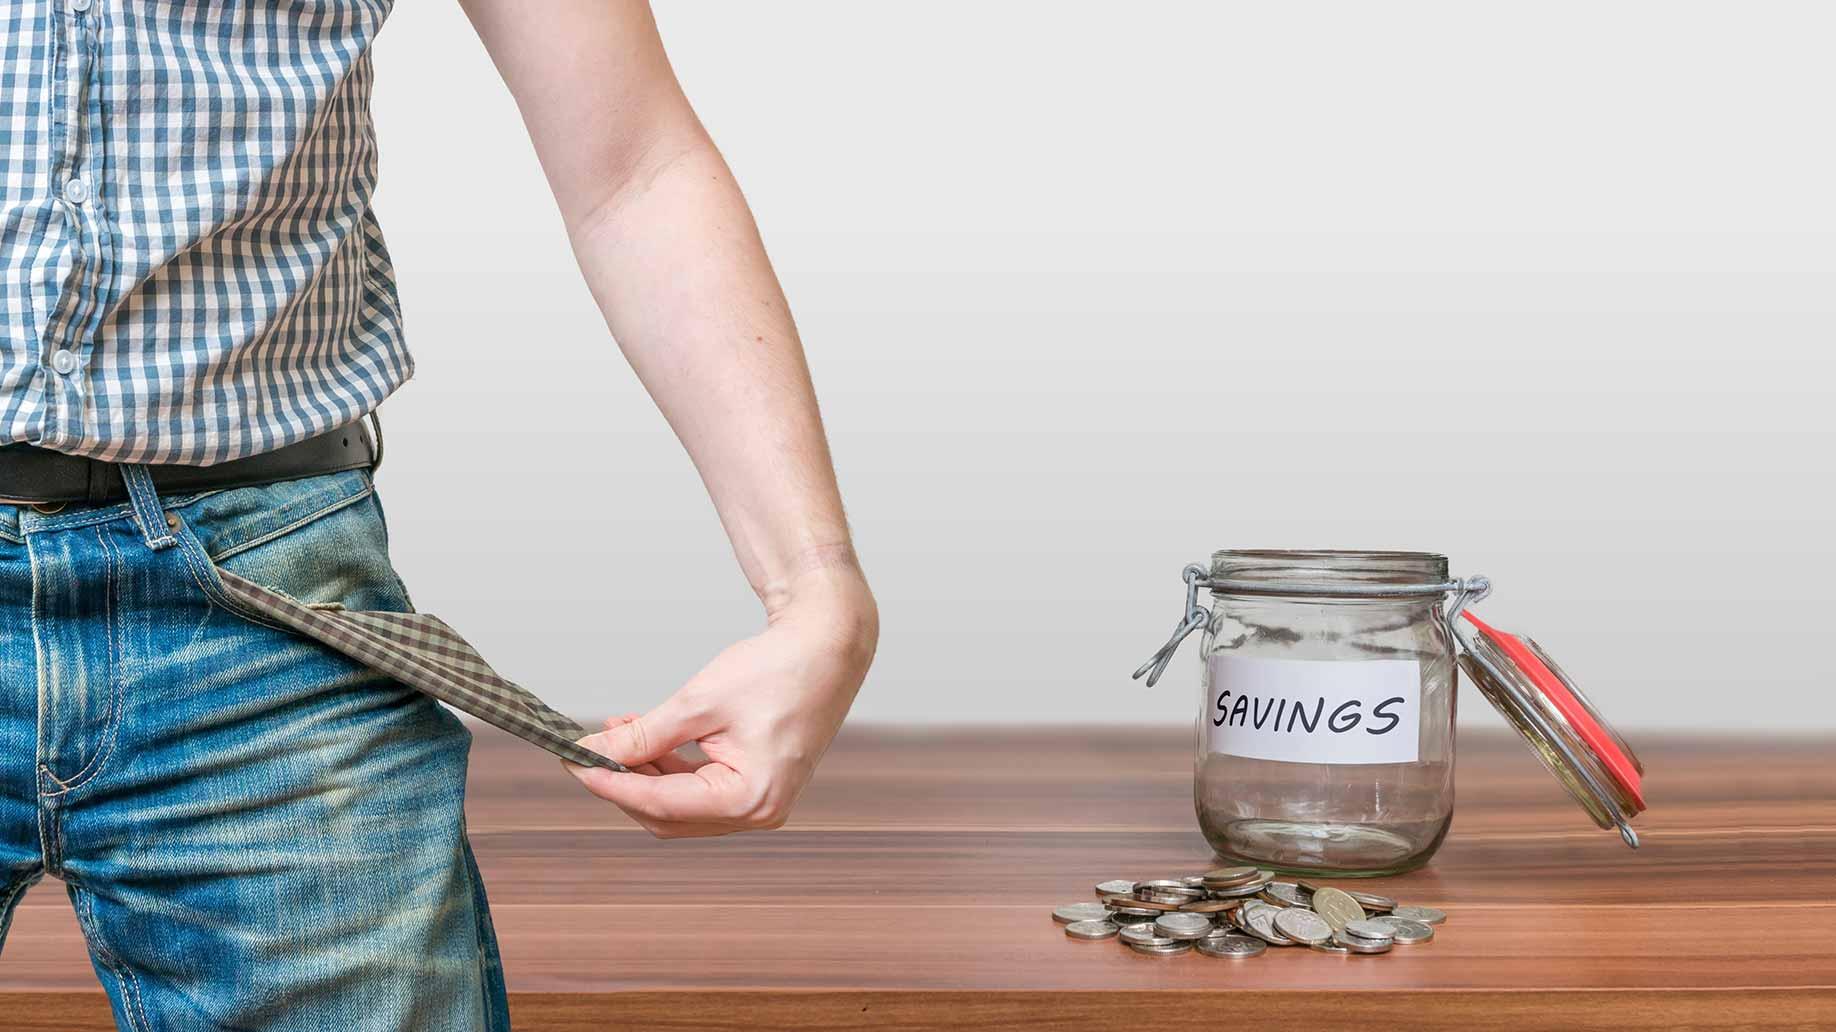 no savings empty pockets